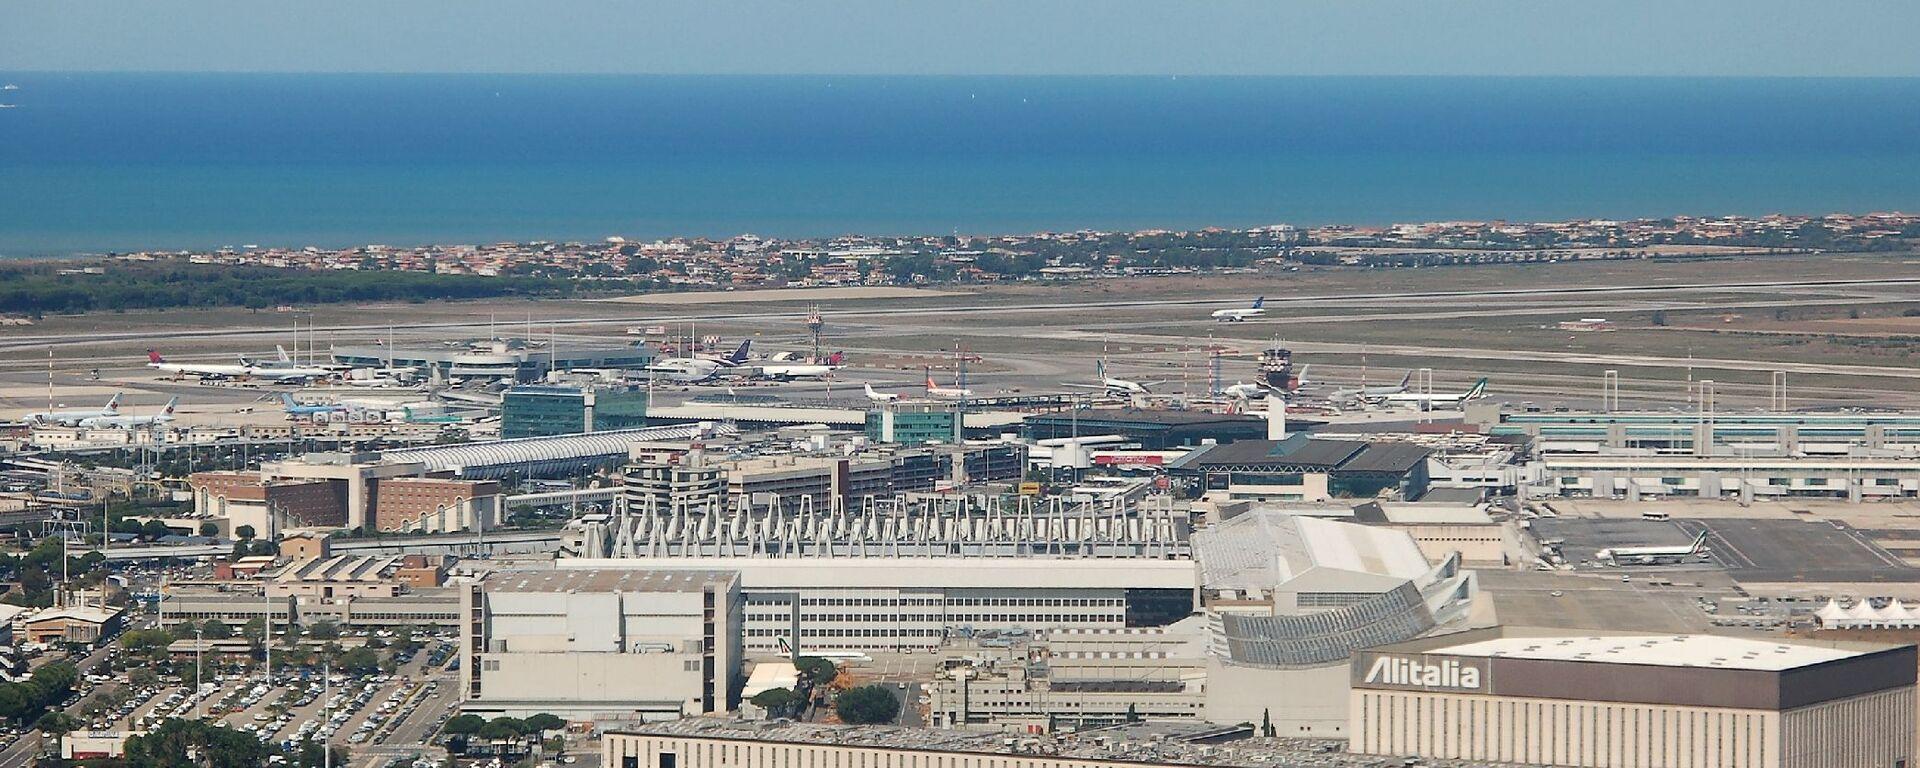 Aeroporto di Fiumicino - Sputnik Italia, 1920, 29.04.2021